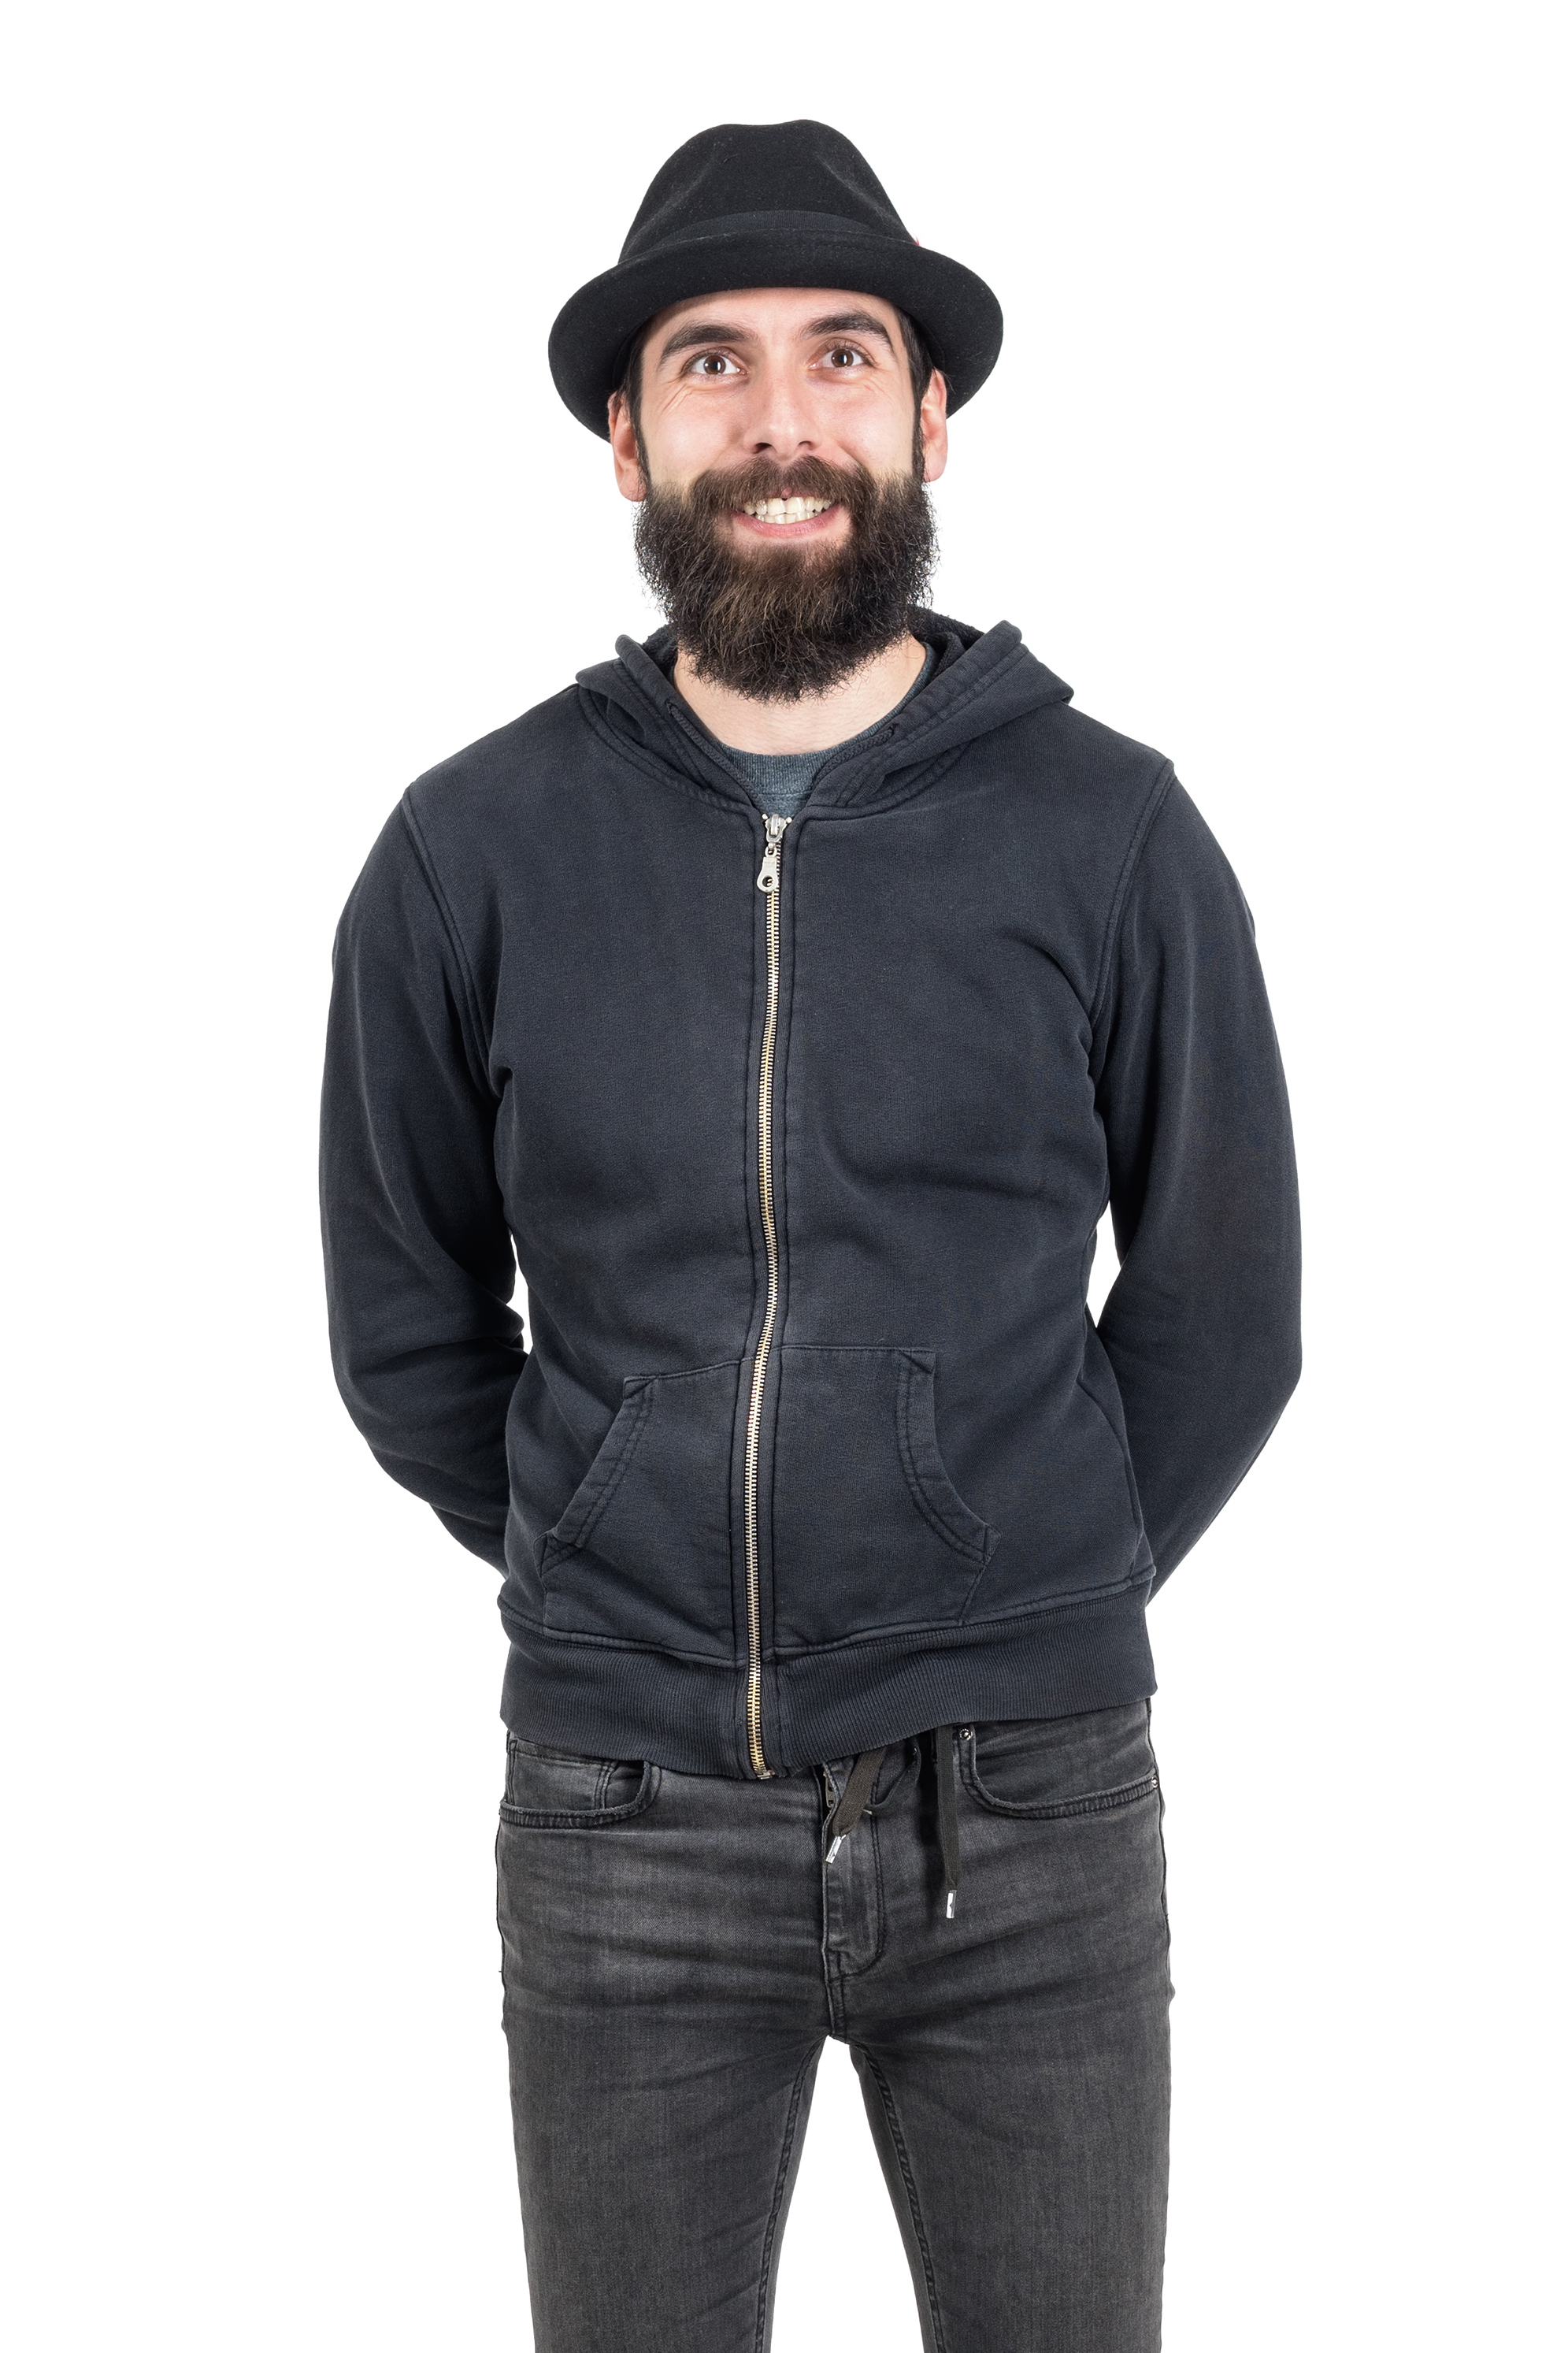 hoodie with hat.jpg